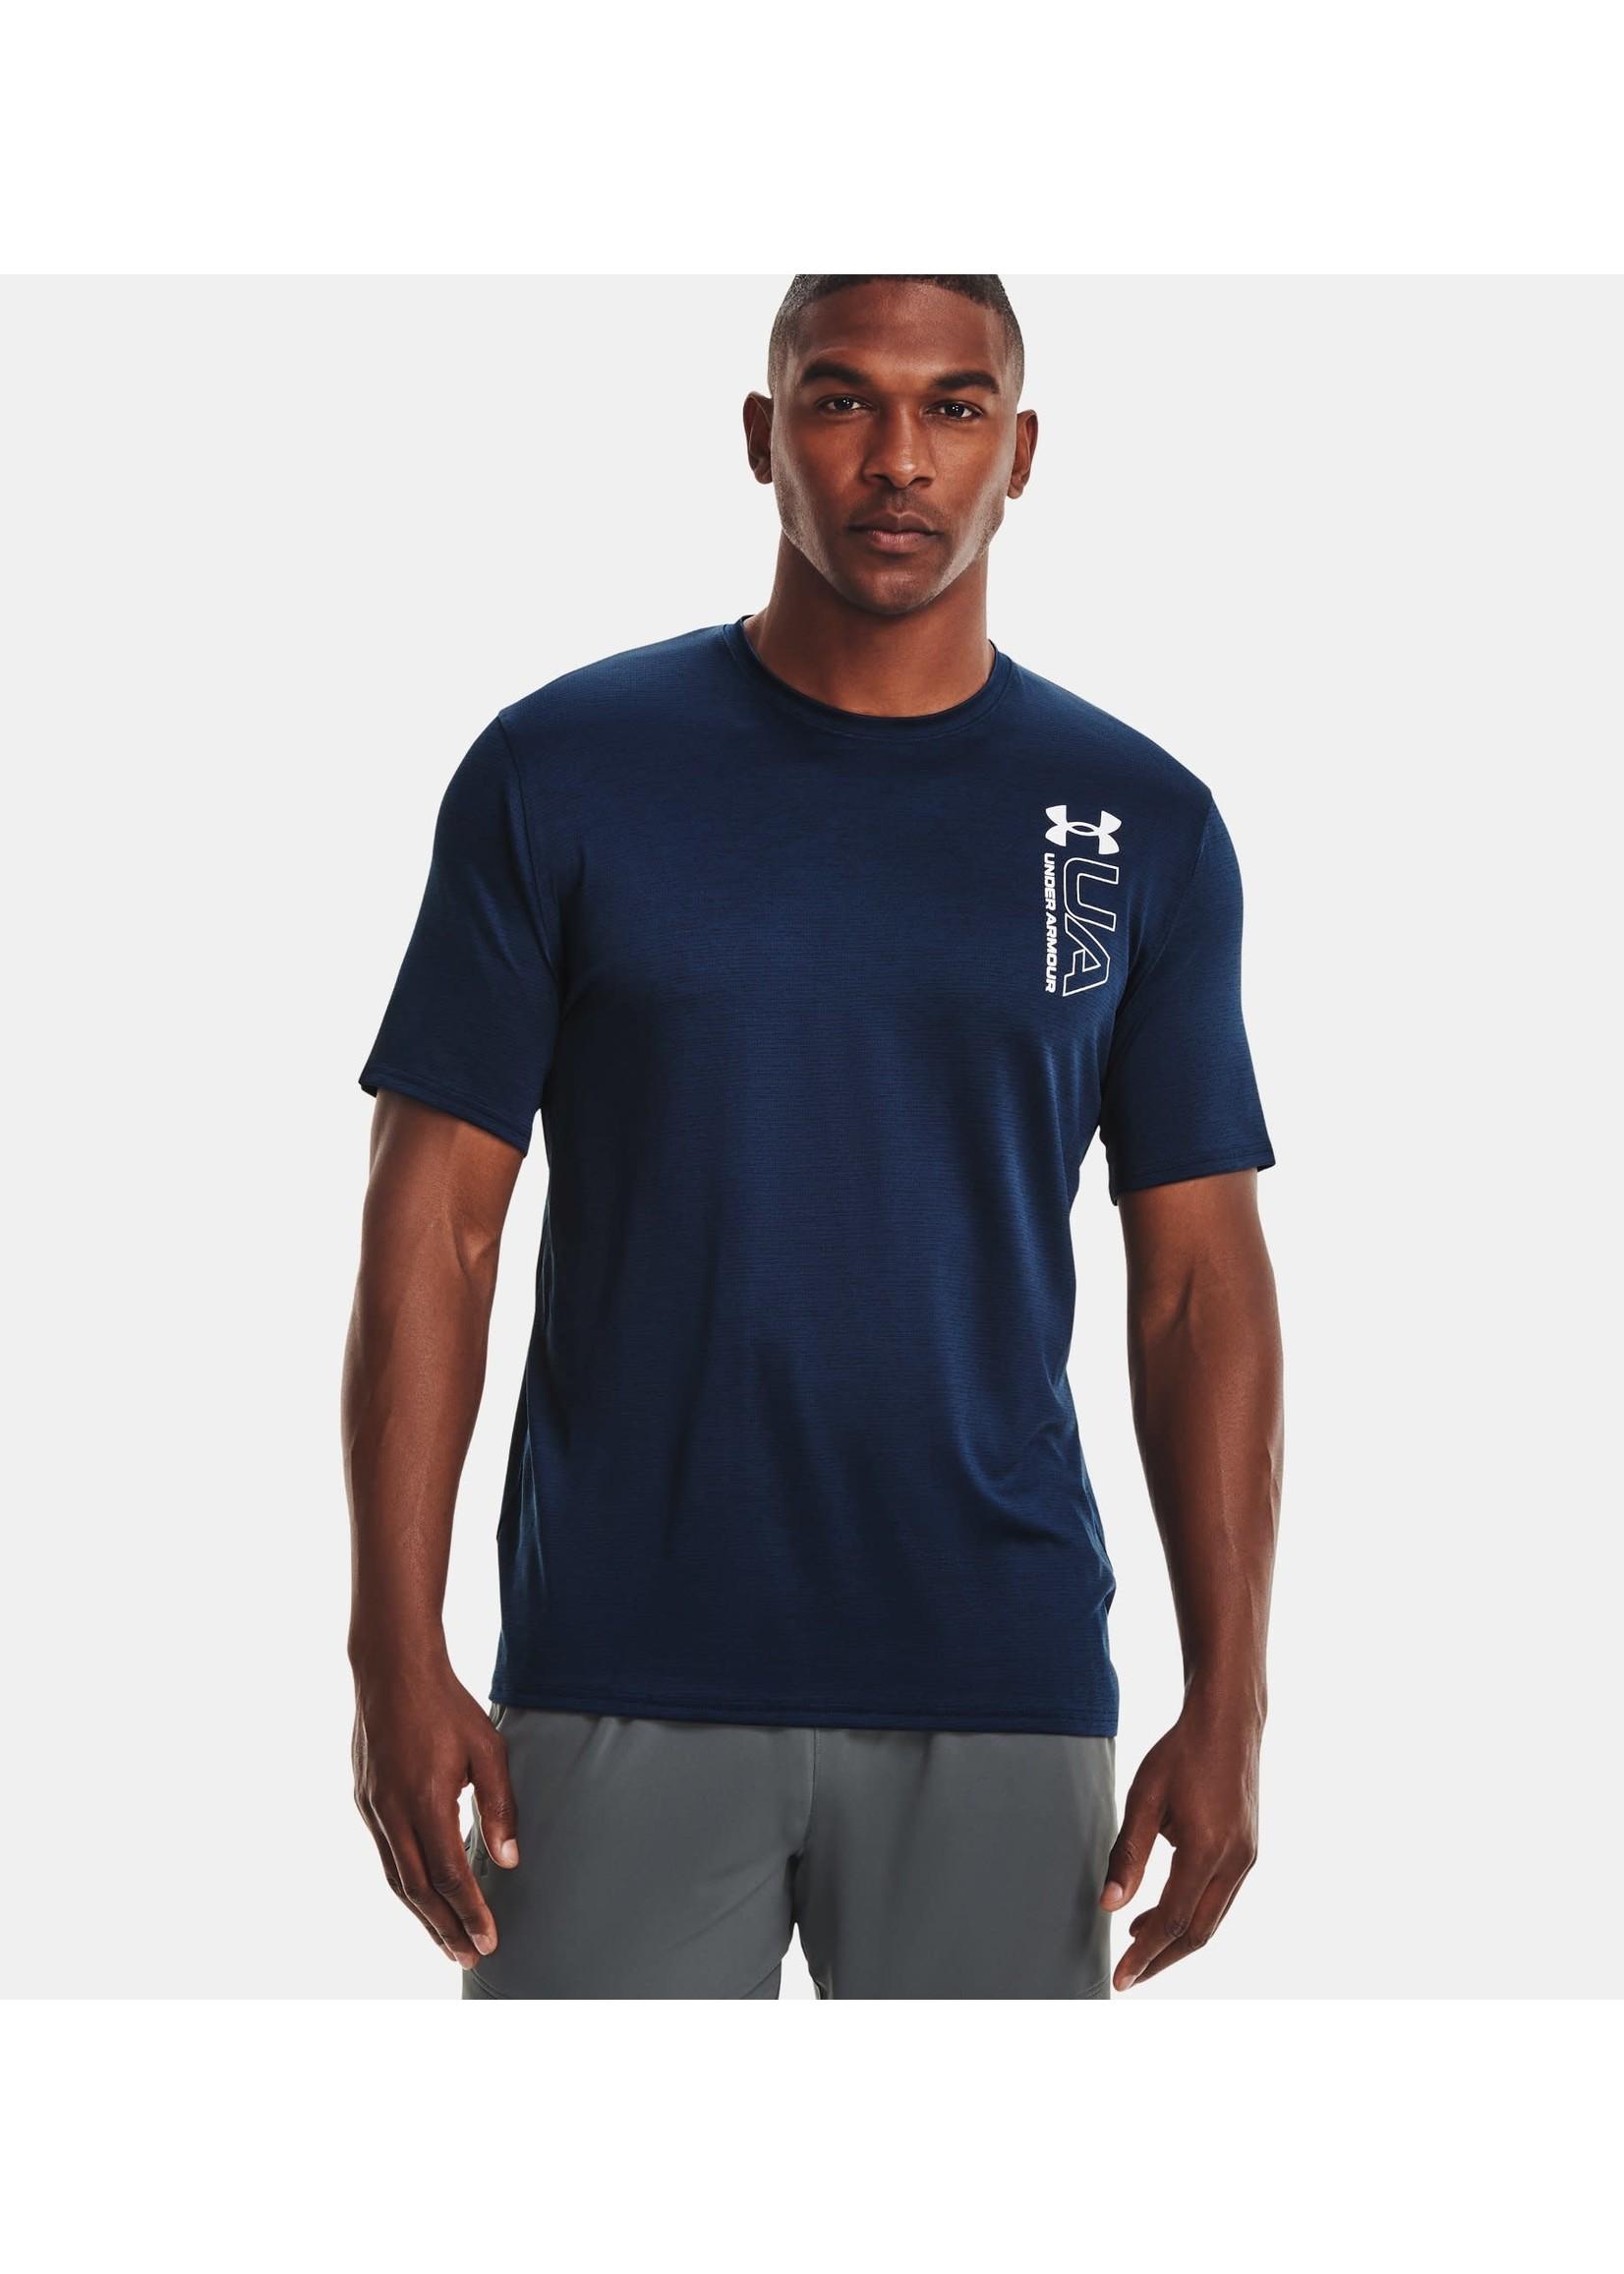 UNDER ARMOUR T-shirt UA Training Vent imprimé pour homme